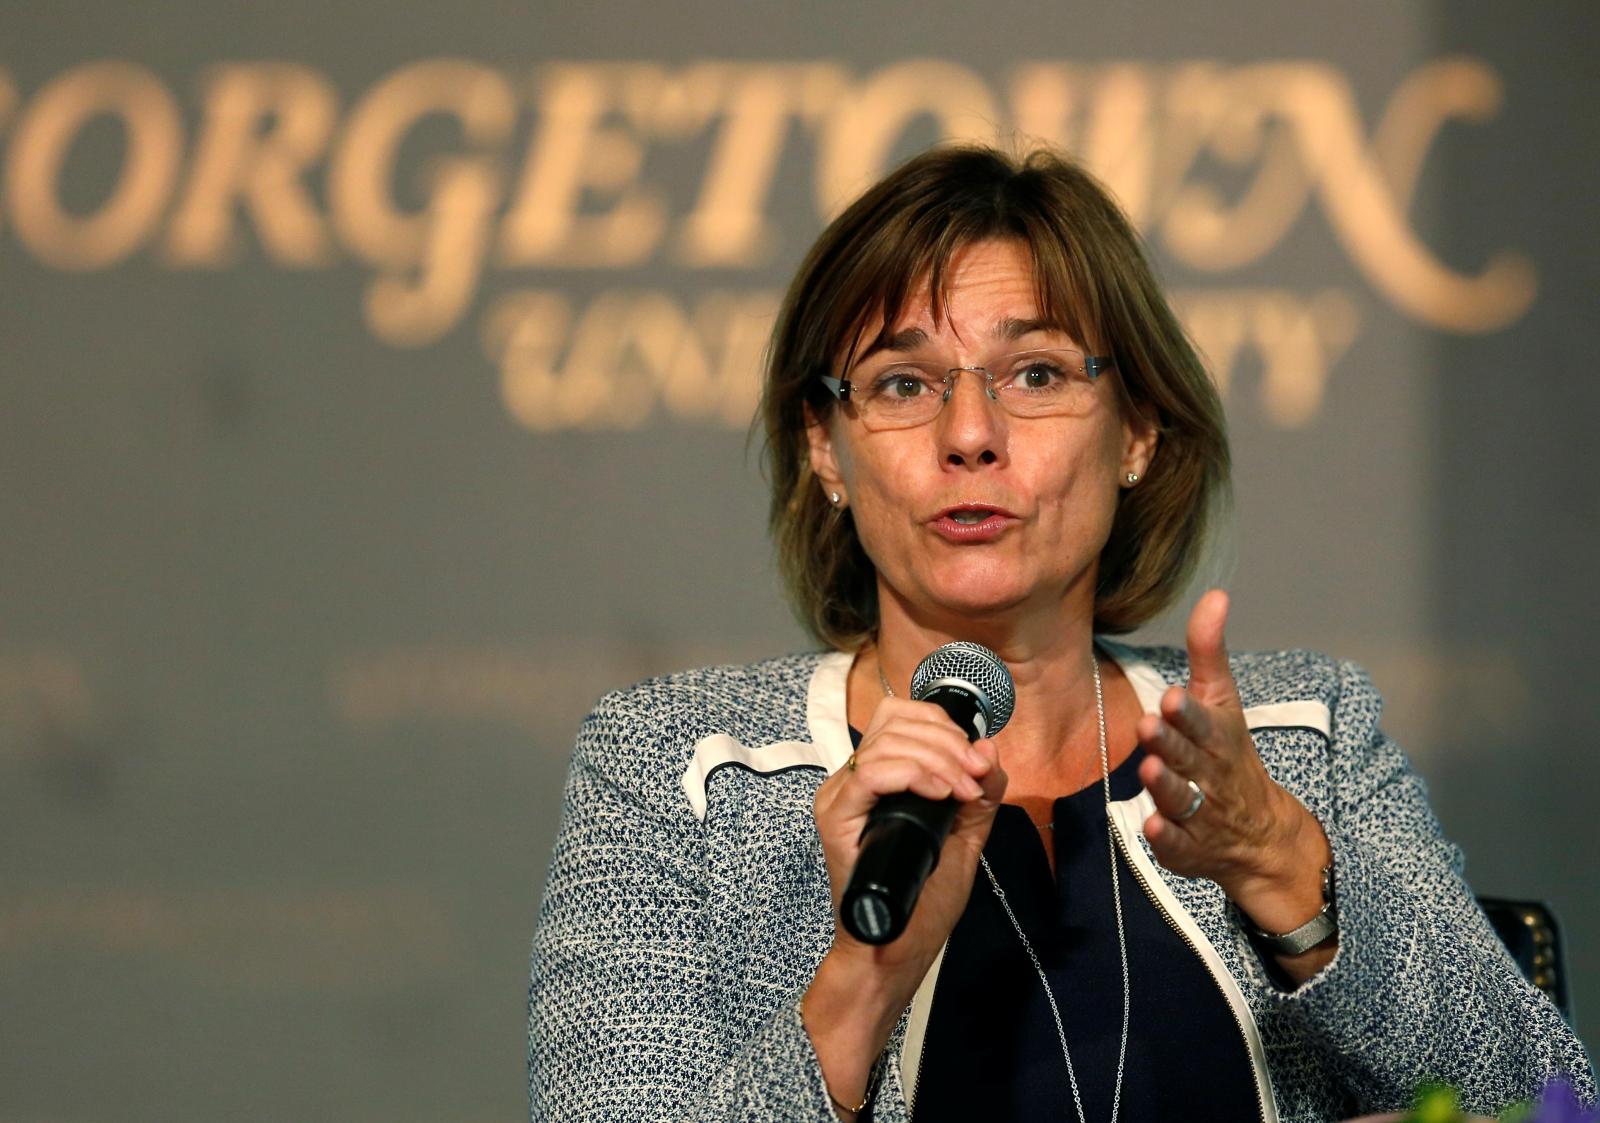 Isabella Lovin